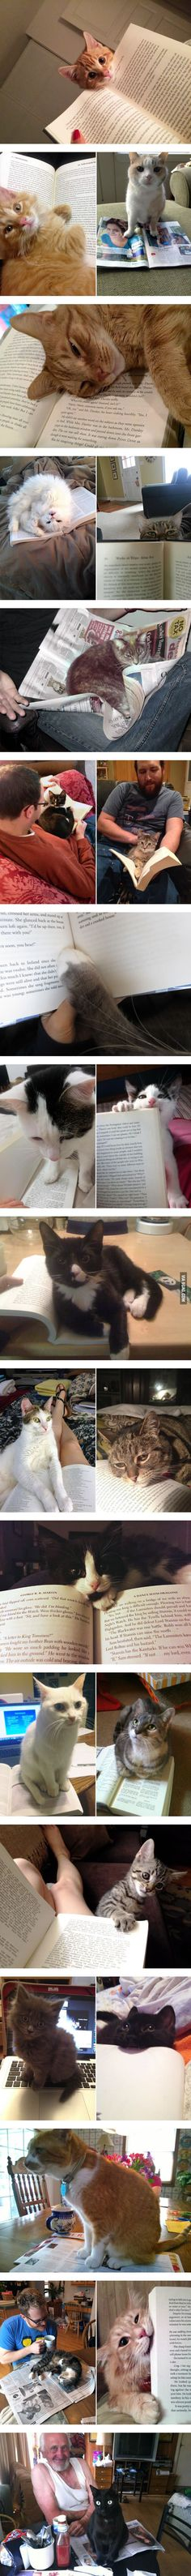 뭐 좀 읽으려고 하면